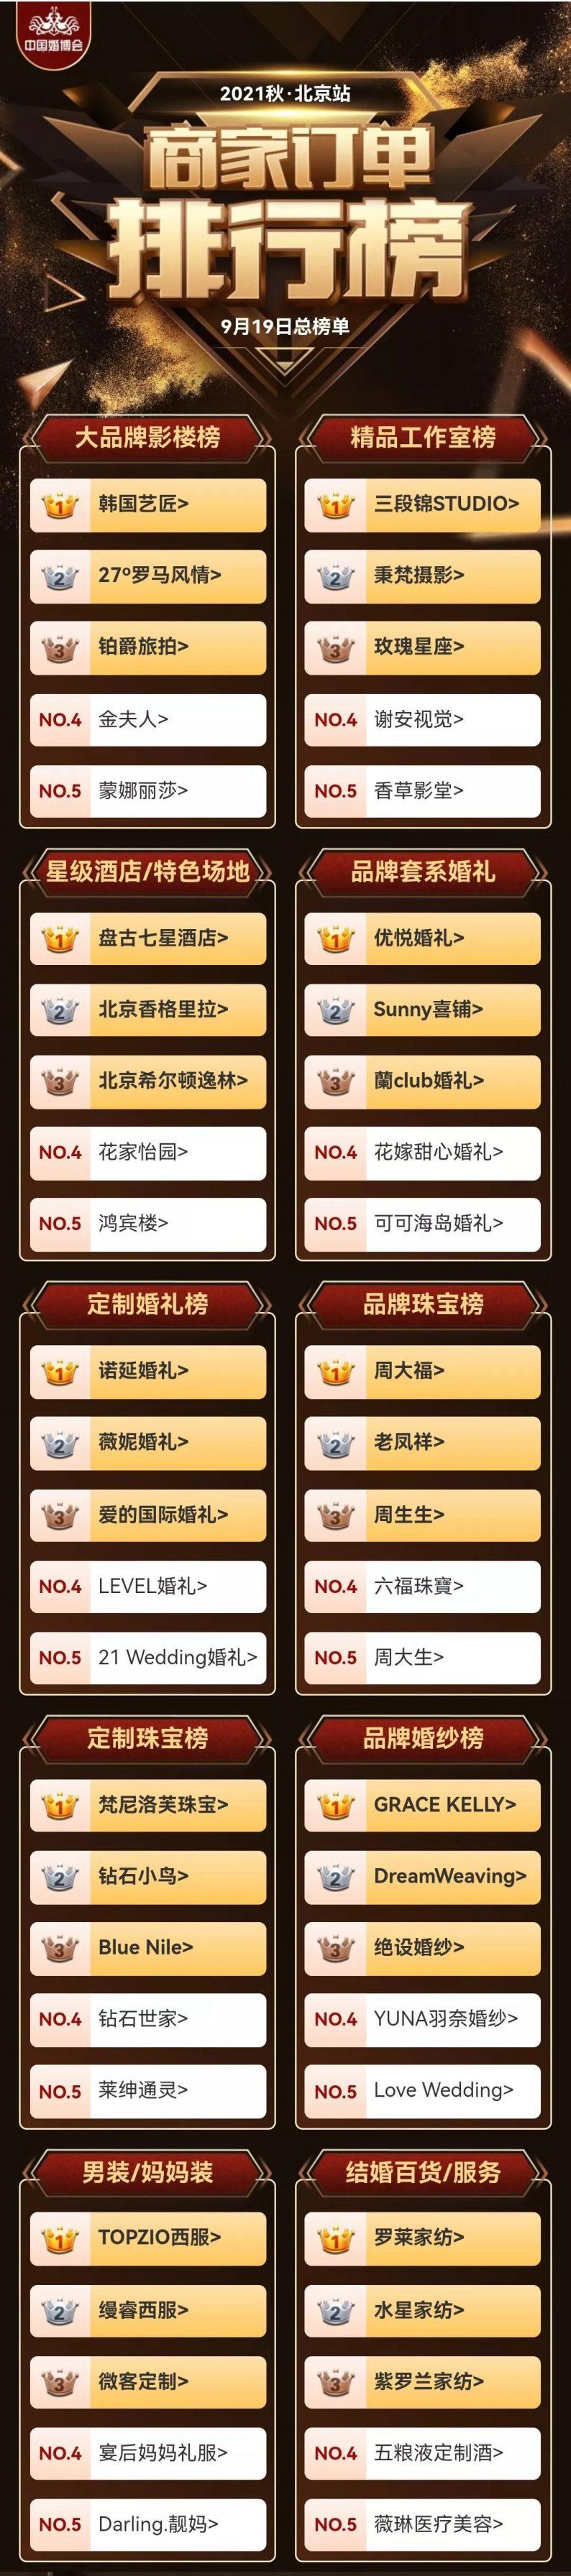 北京婚博会:婚嫁消费呈现多种新趋势  第2张